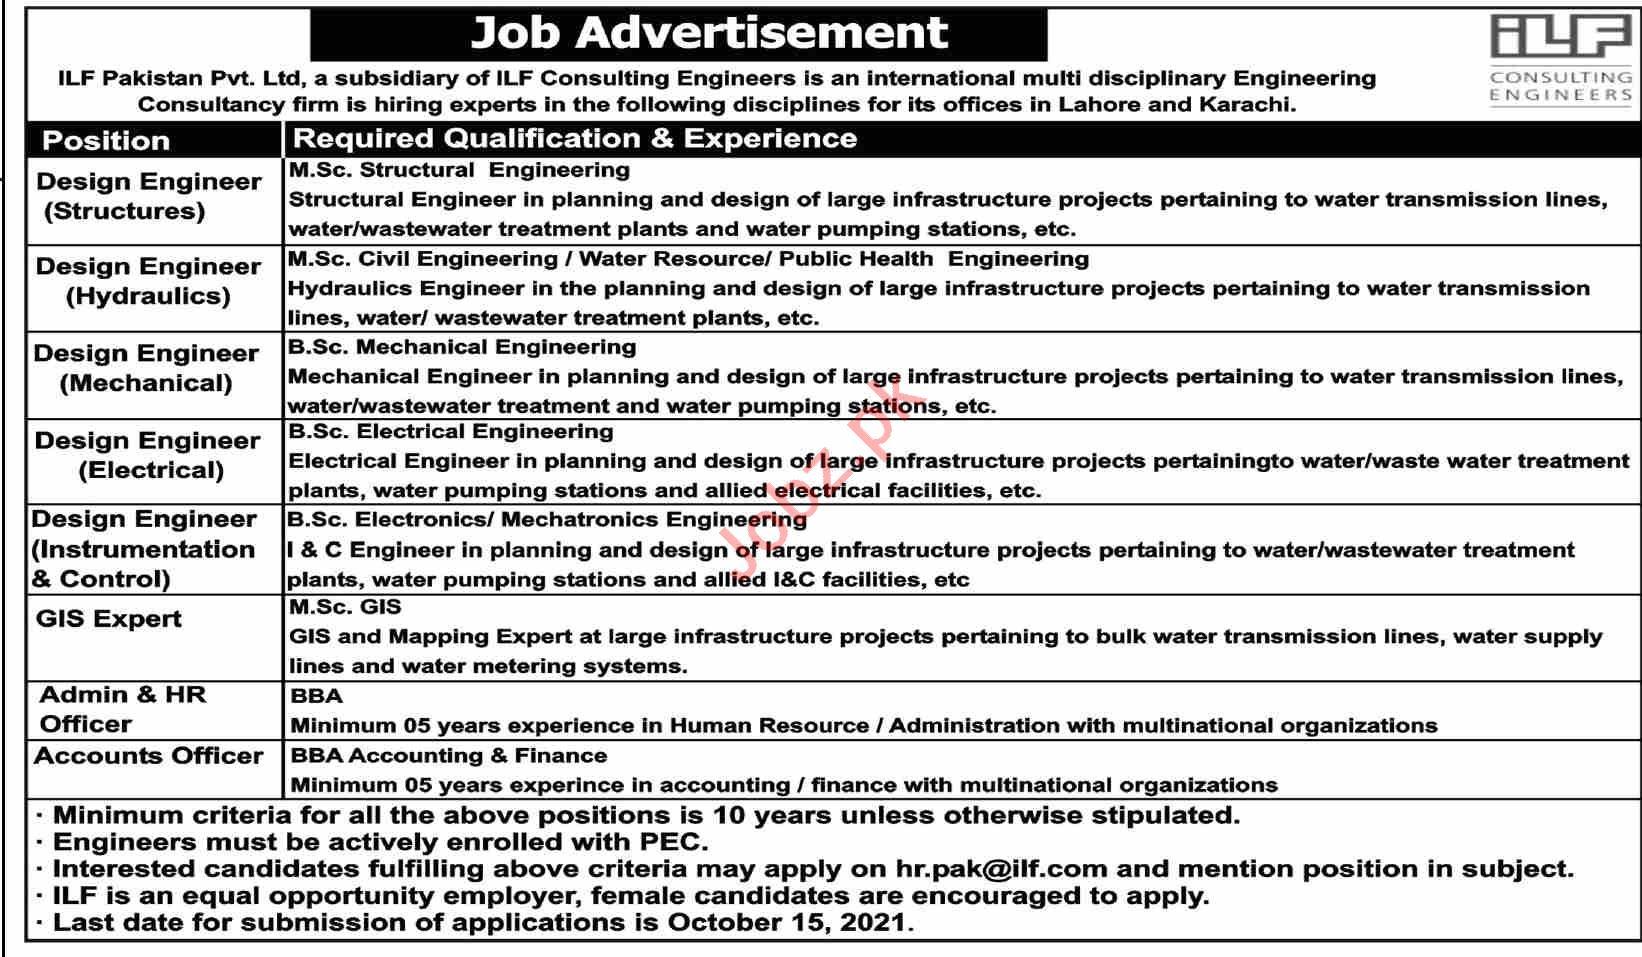 ILF Pakistan Pvt Ltd Jobs in Karachi